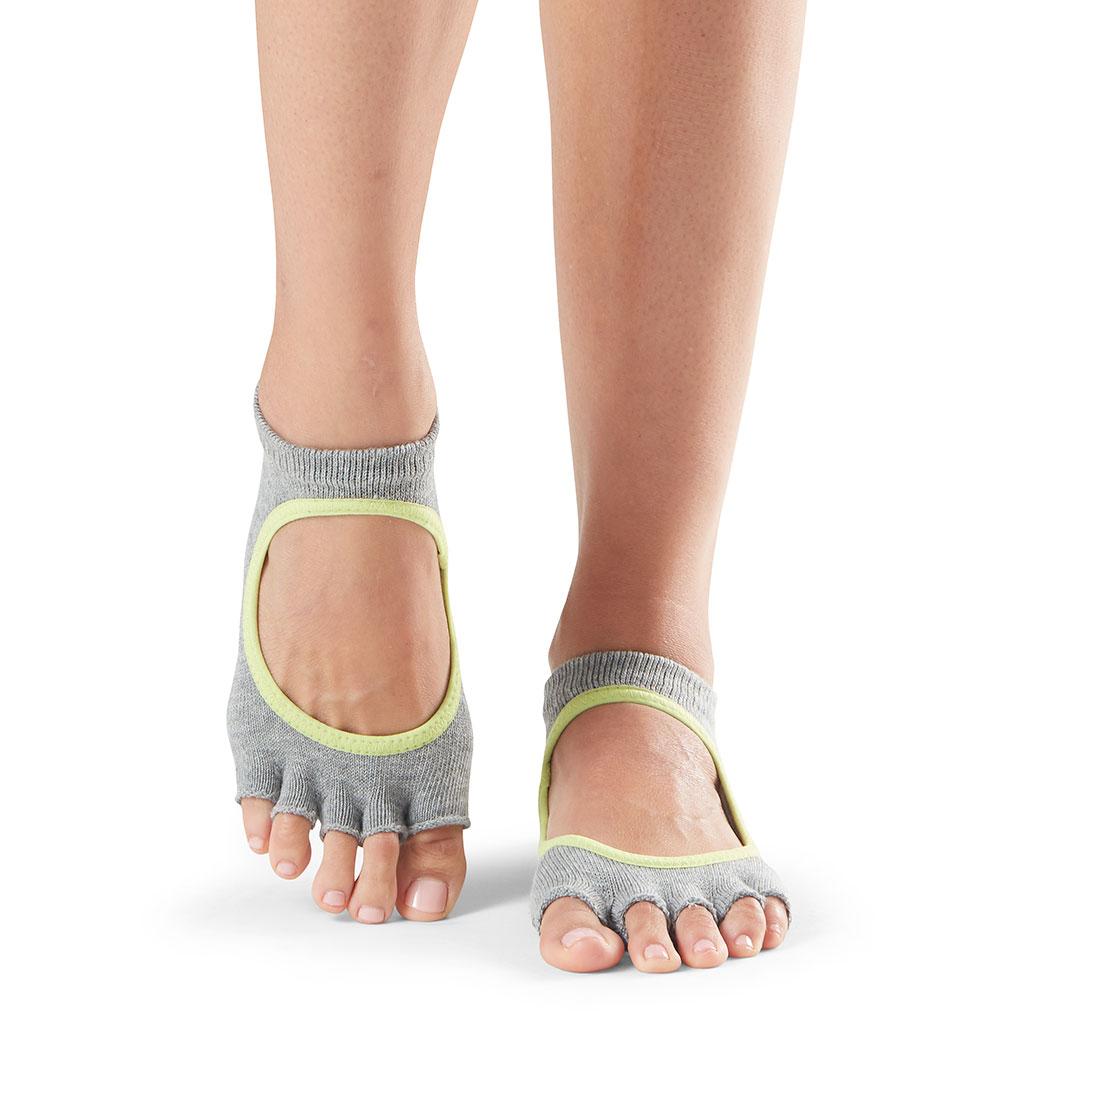 Yogasocken ToeSox Bellarina Half Toe Heather Grey - 1